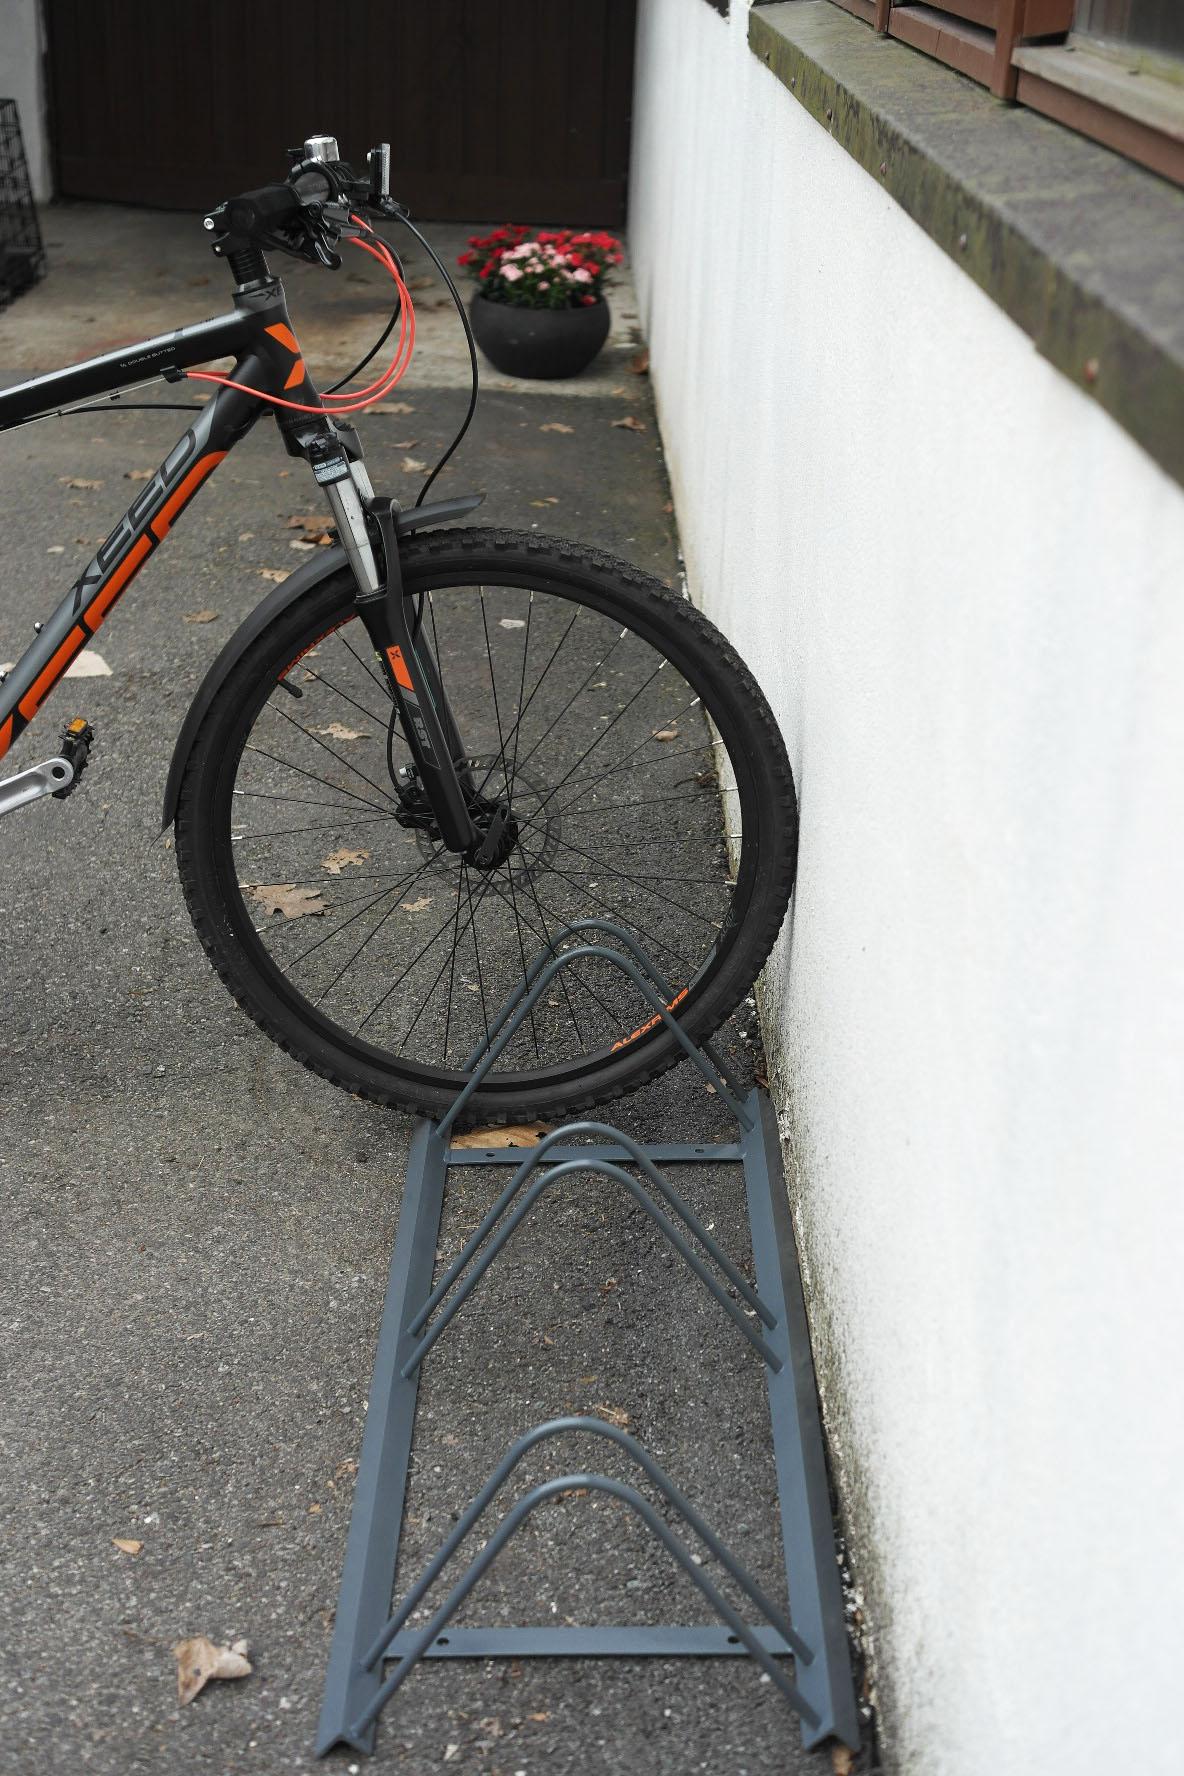 Sykkelstativ for 3 sykler